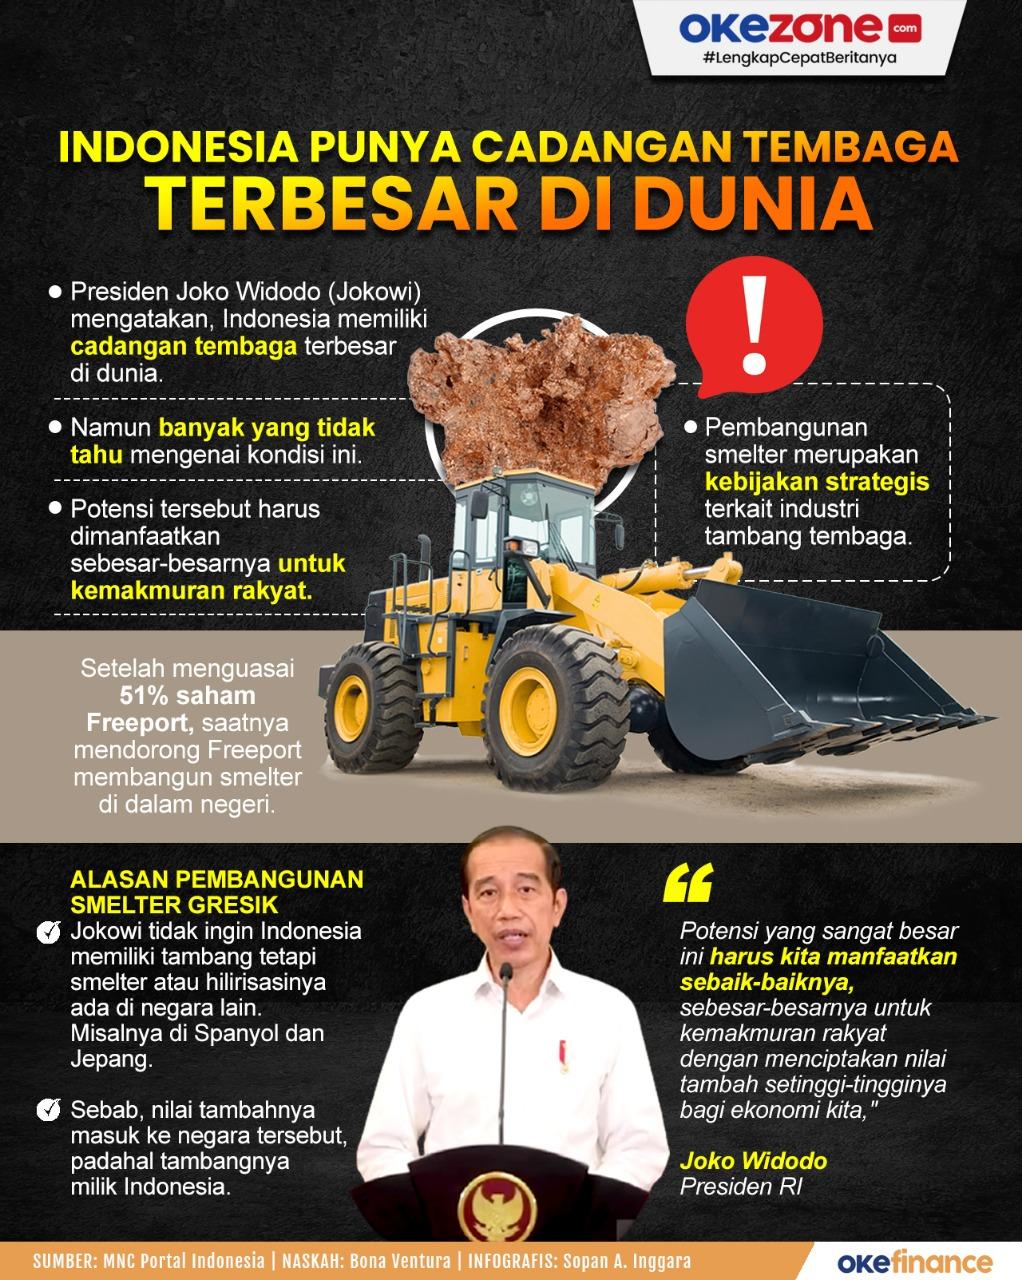 Indonesia Punya Cadangan Tembaga Terbesar di Dunia -